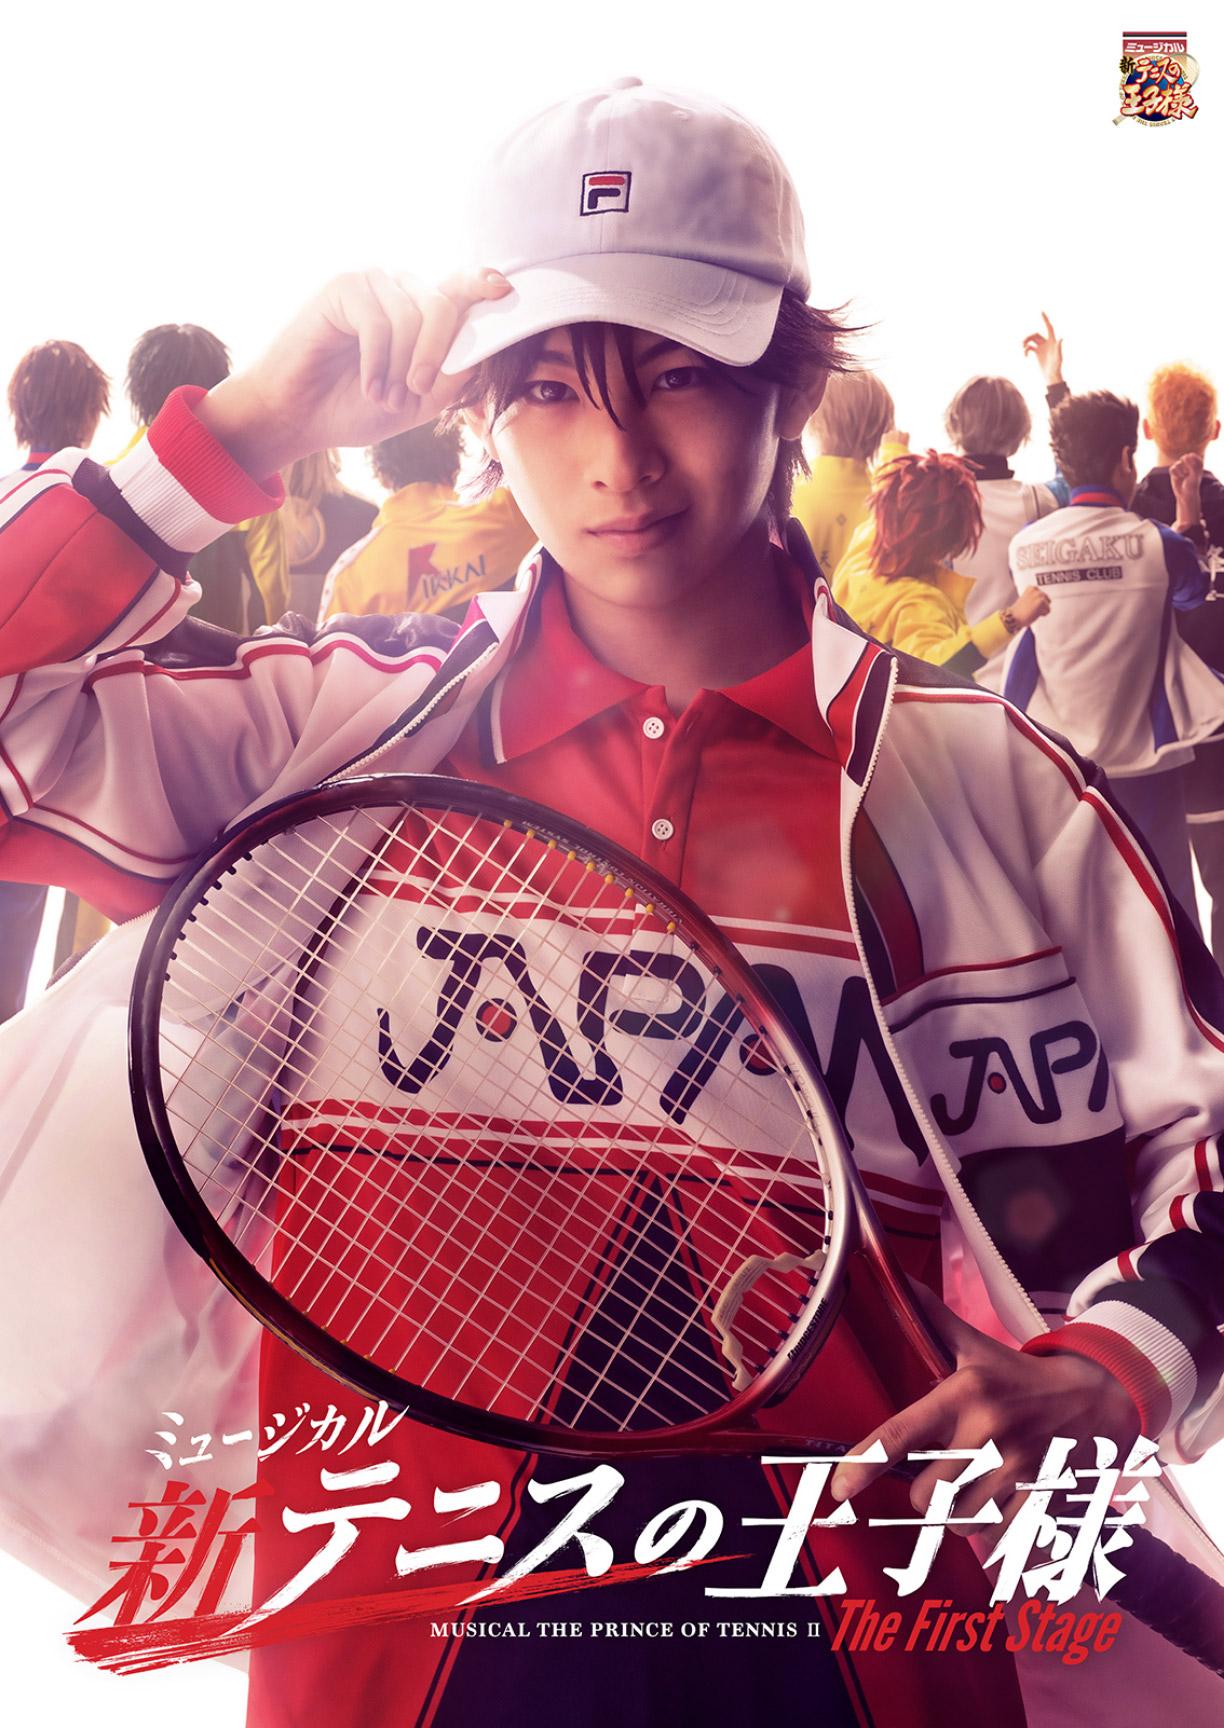 ミュージカル「新テニスの王子様」東京初日公演が独占ライブ配信決定!自宅で「新テニミュ」を楽しむチャンス